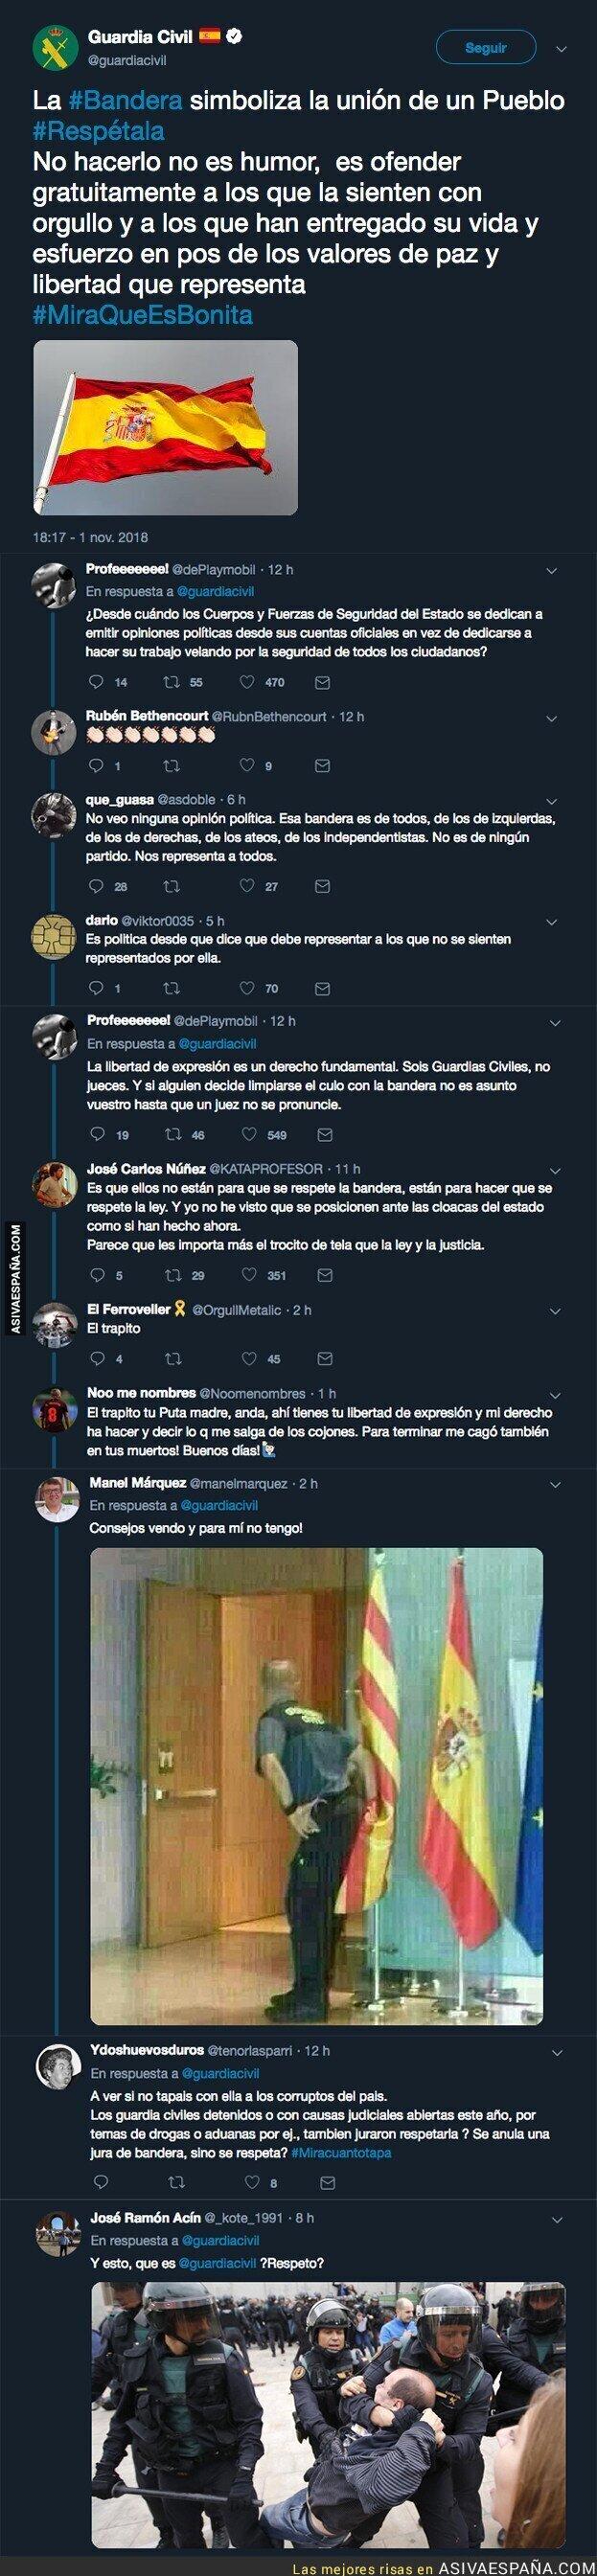 96736 - La Guardia Civil pide 'respetar' la bandera de España con este tuit y la gente no tarda en responder con dureza